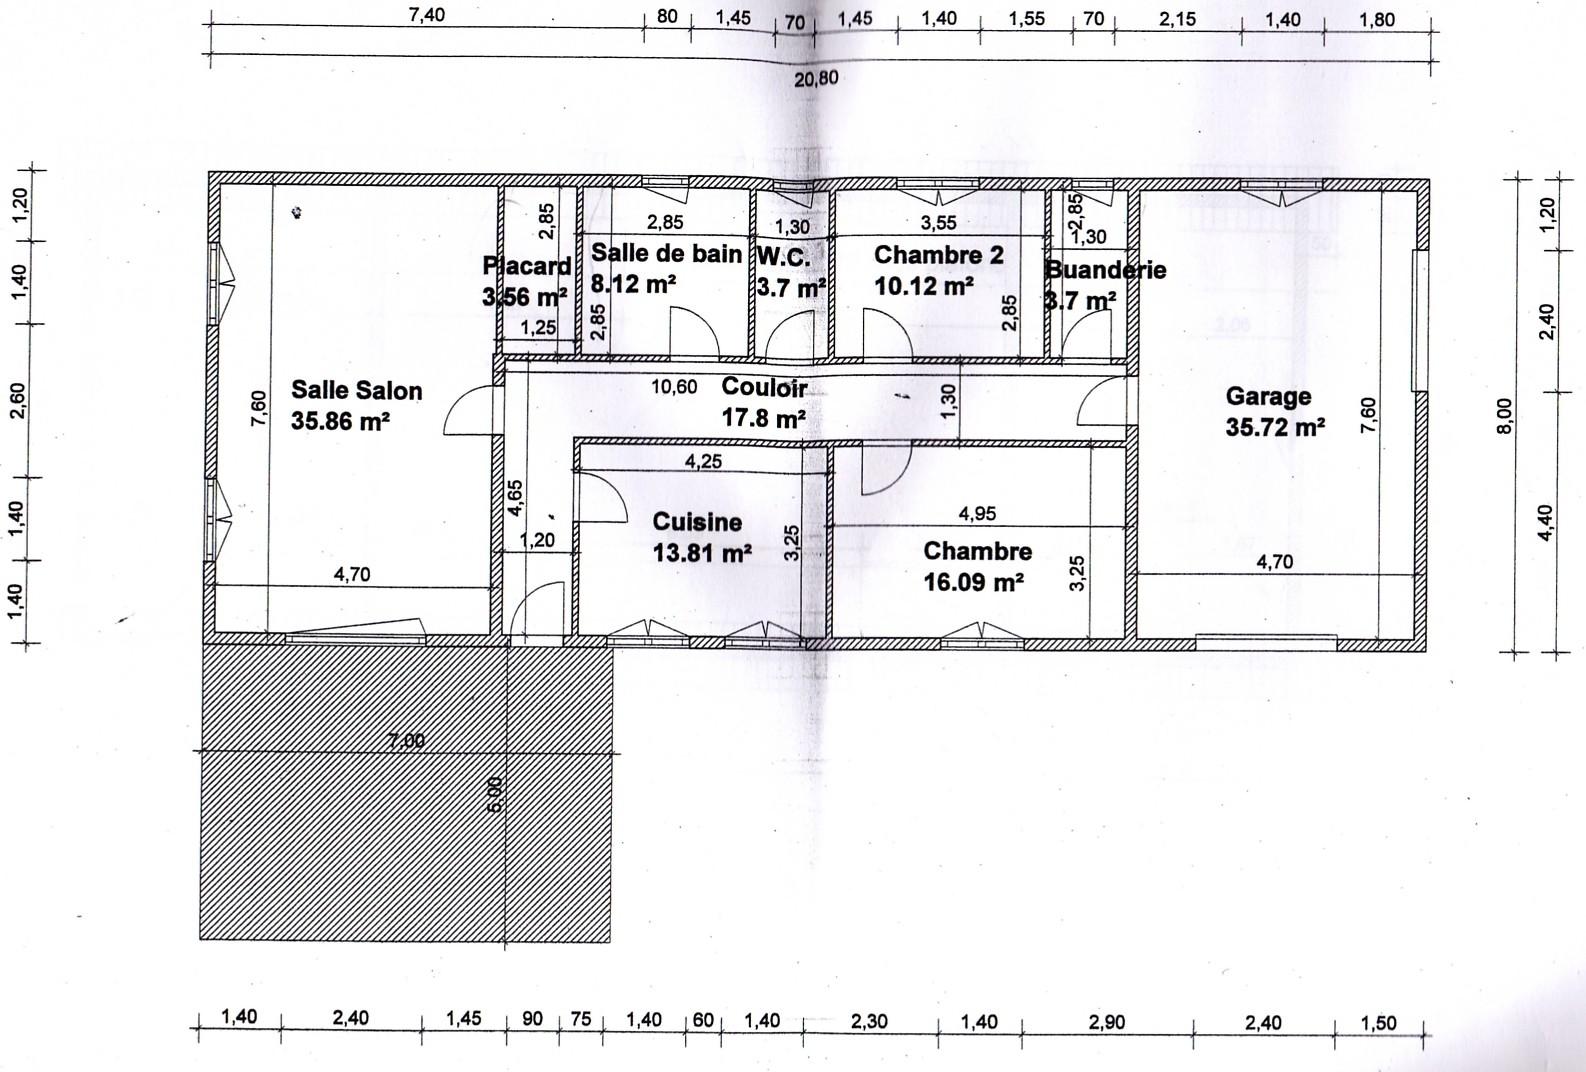 le plan de notre maison - Plan De Maison Rectangulaire